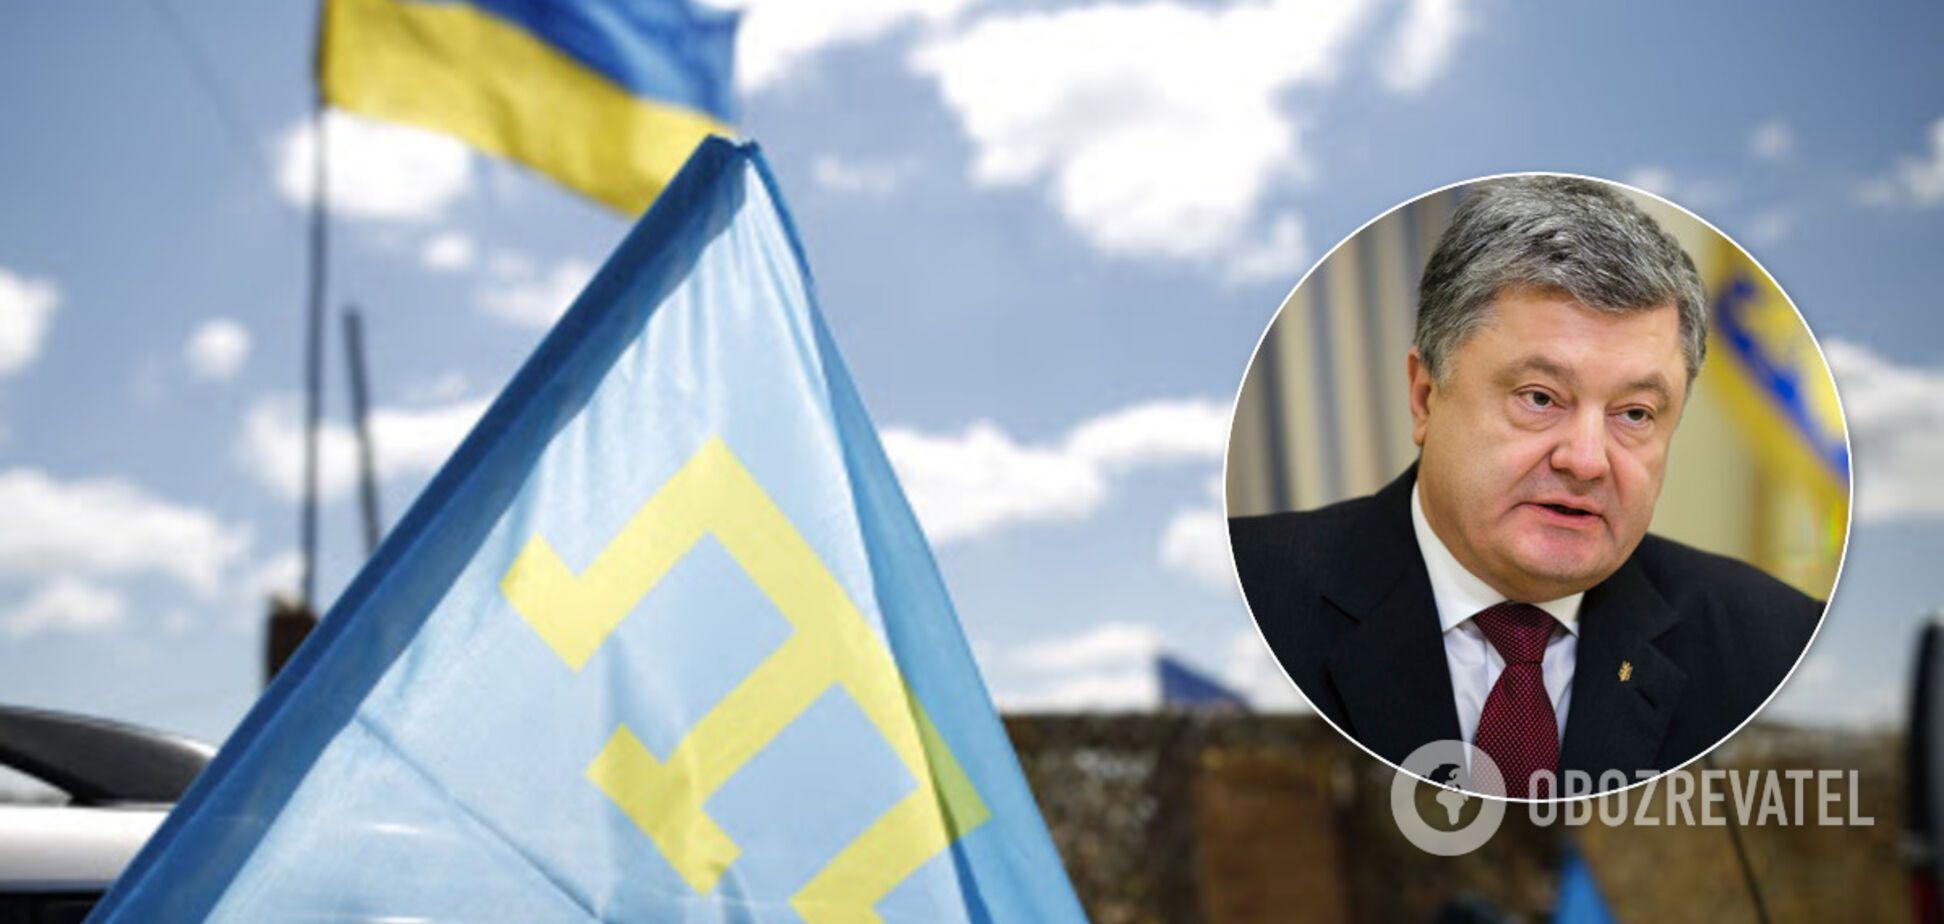 Порошенко поздравил с Днем крымскотатарского флага